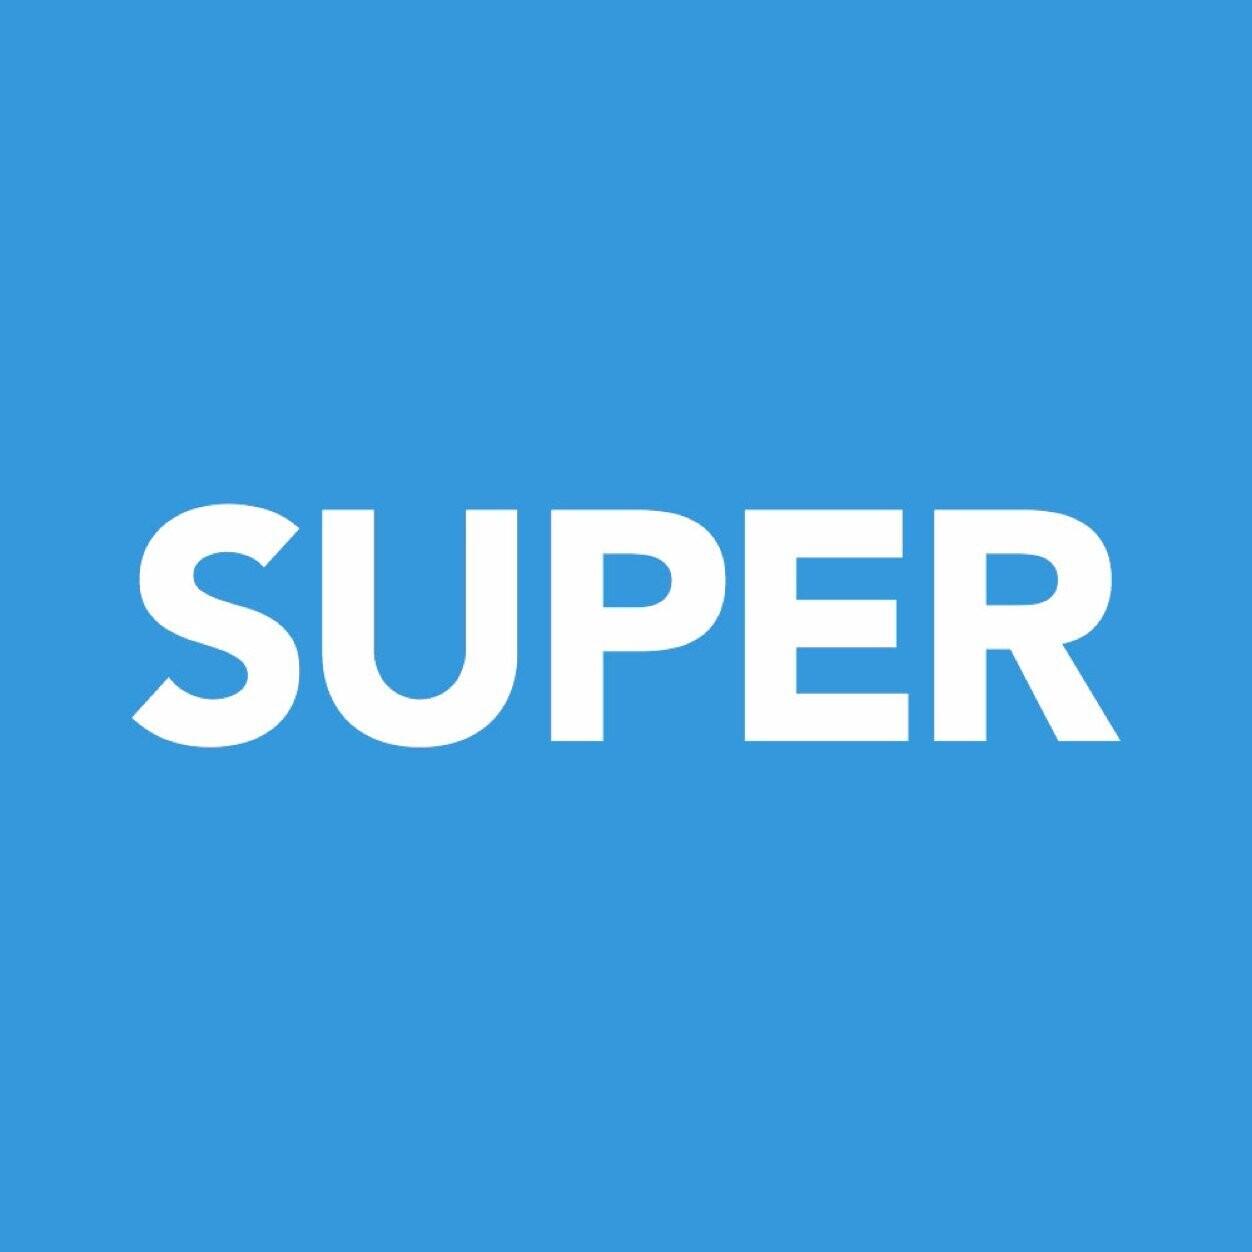 Super.cc